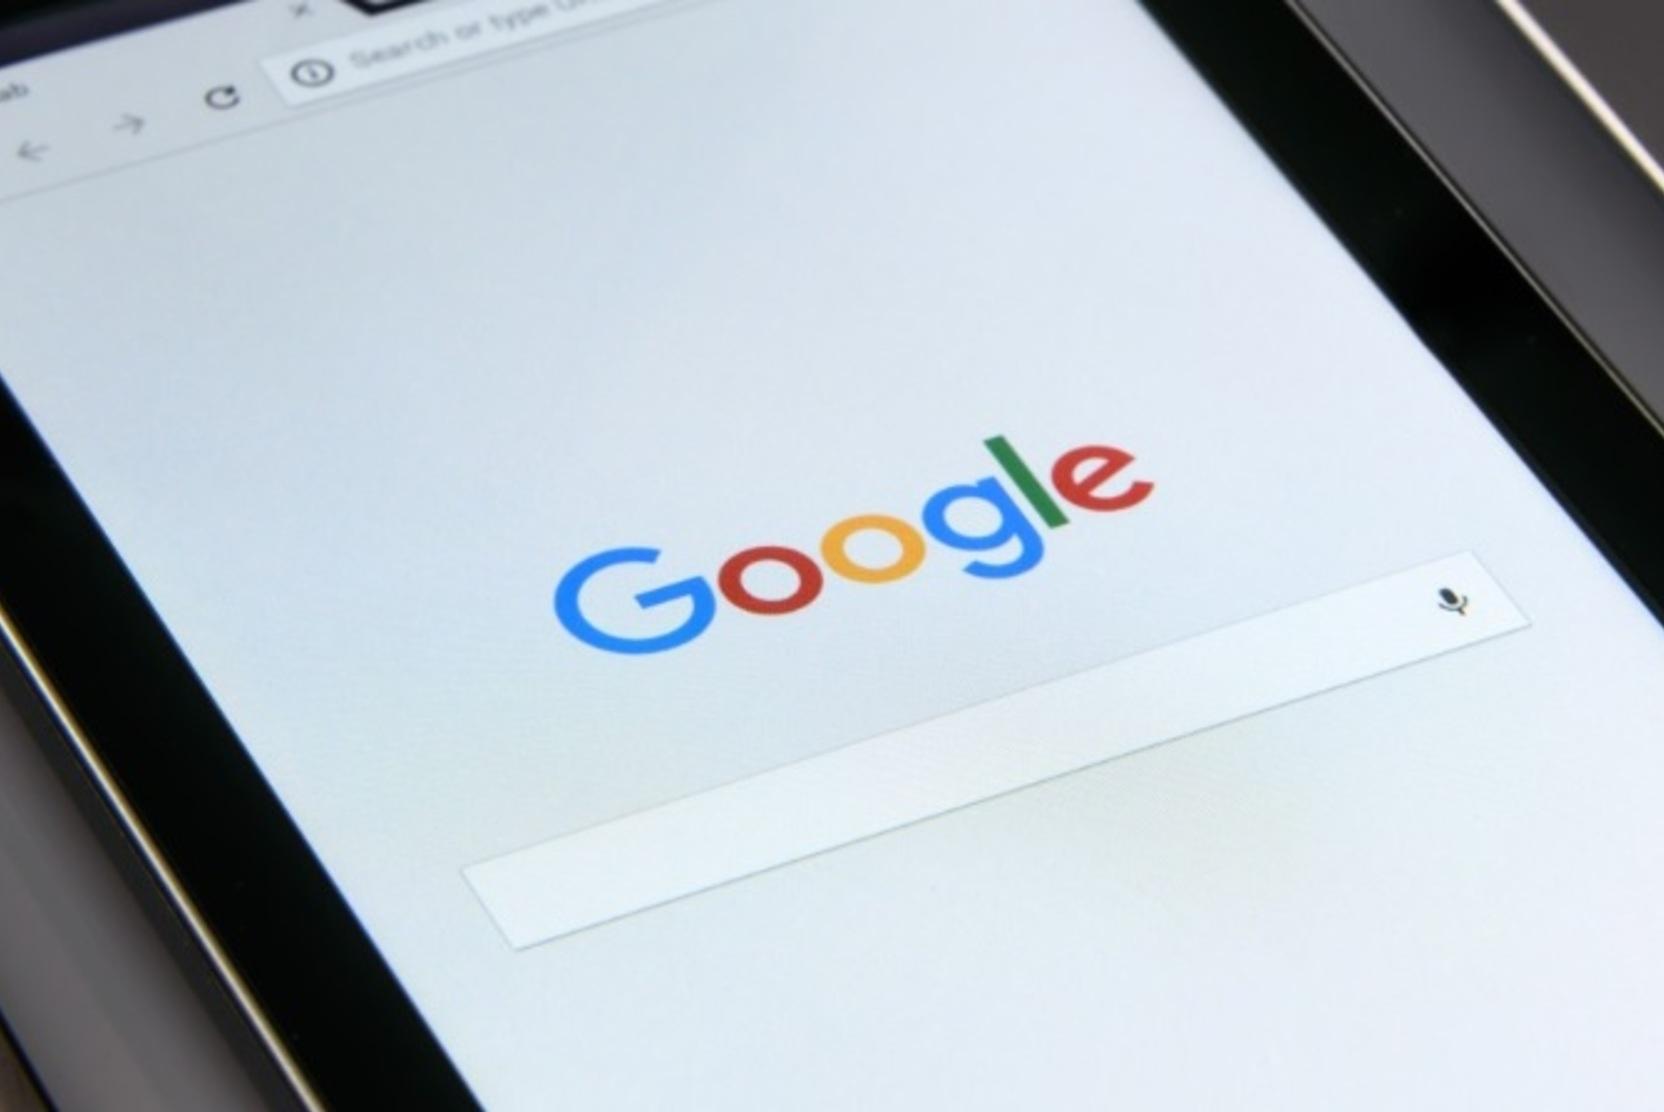 Роскомнадзор пригрозил Google замедлением трафика из-за запрещённого контента